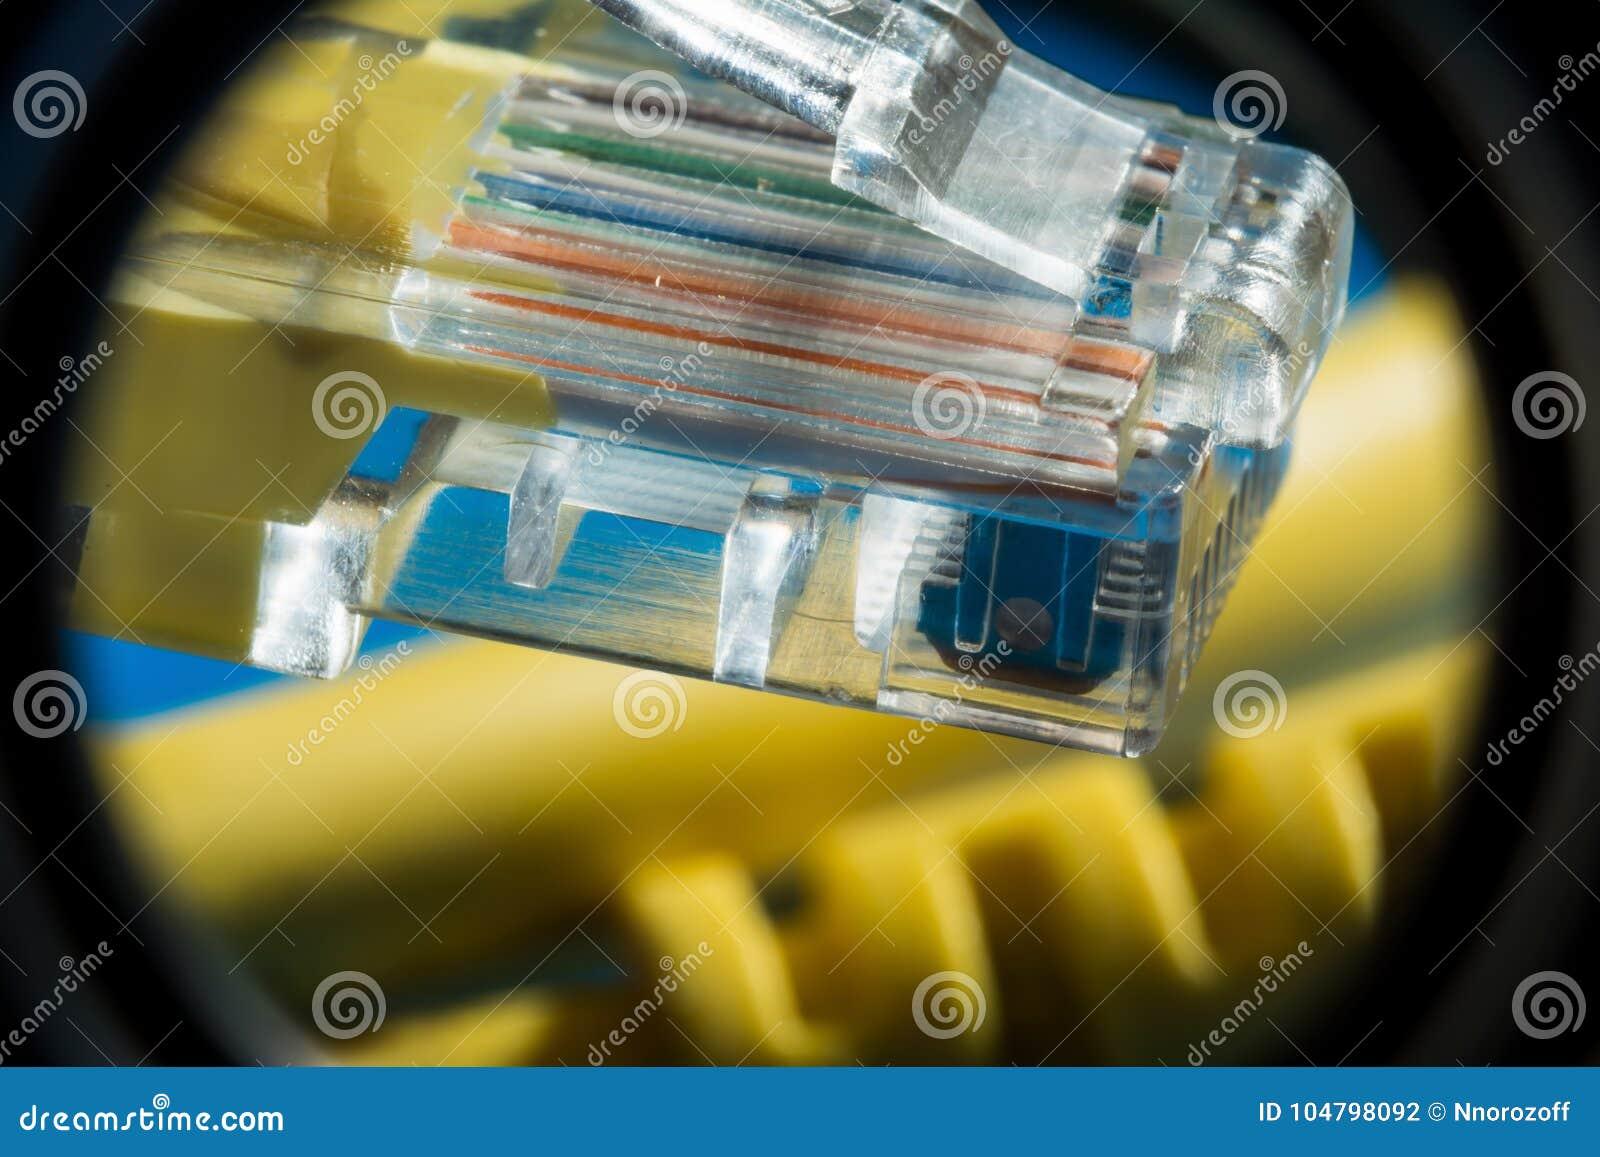 塑料连接器和黄色电缆类型连接的与计算机网络,宏观抽象背景双铰线